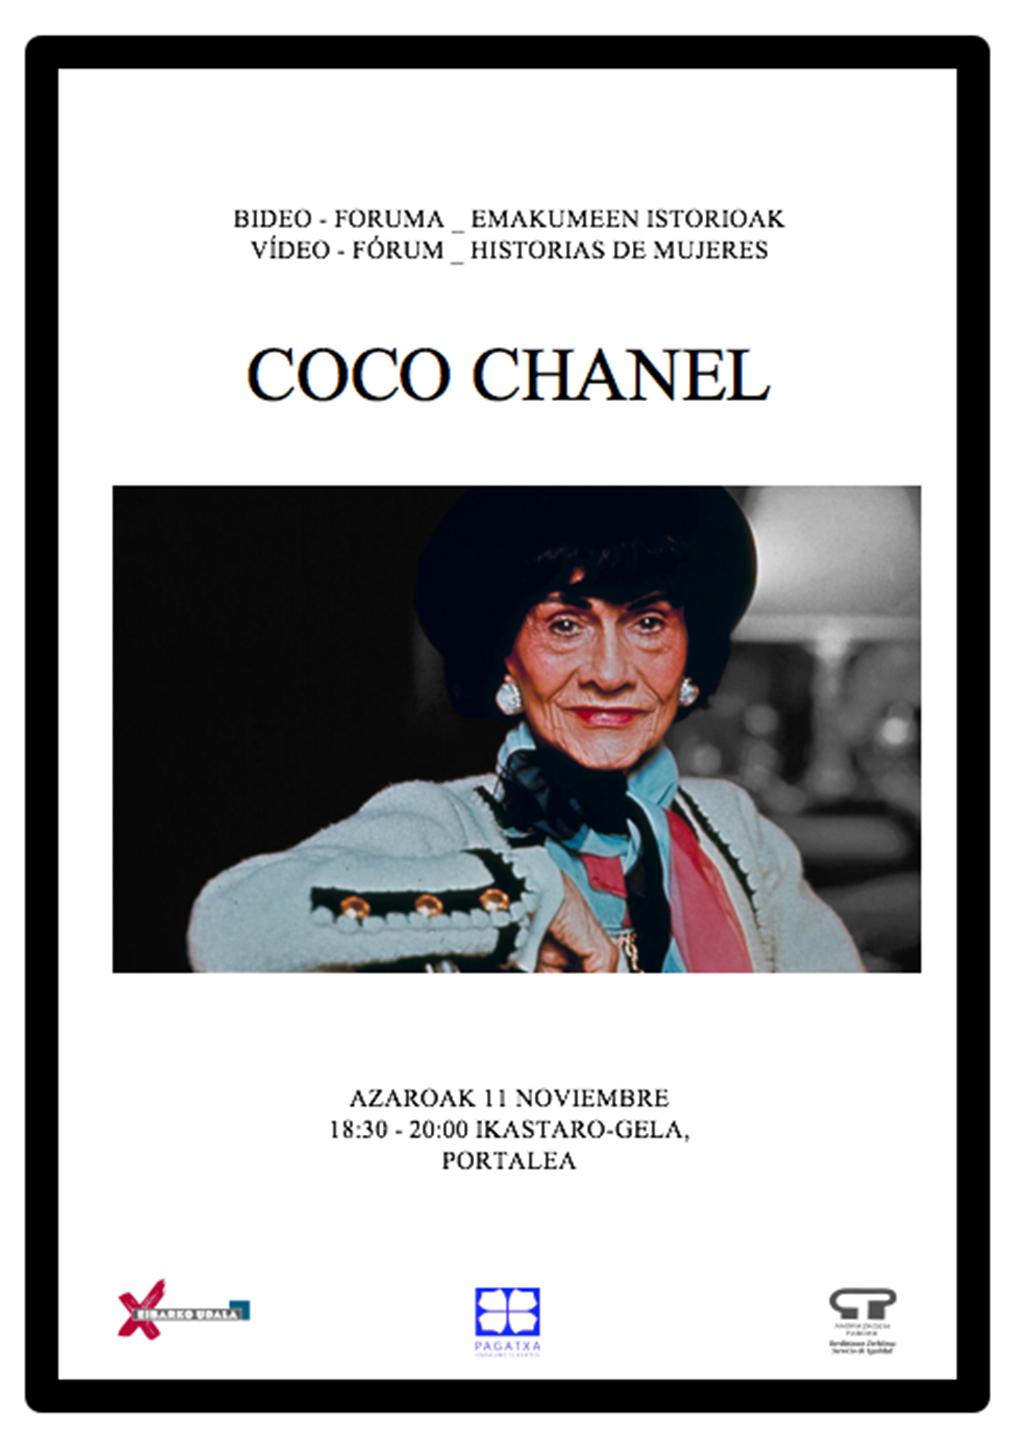 Bideo-foruma (Emakumeen Istorioak): Coco Chanel @ Portalean (ikastaro gelan)